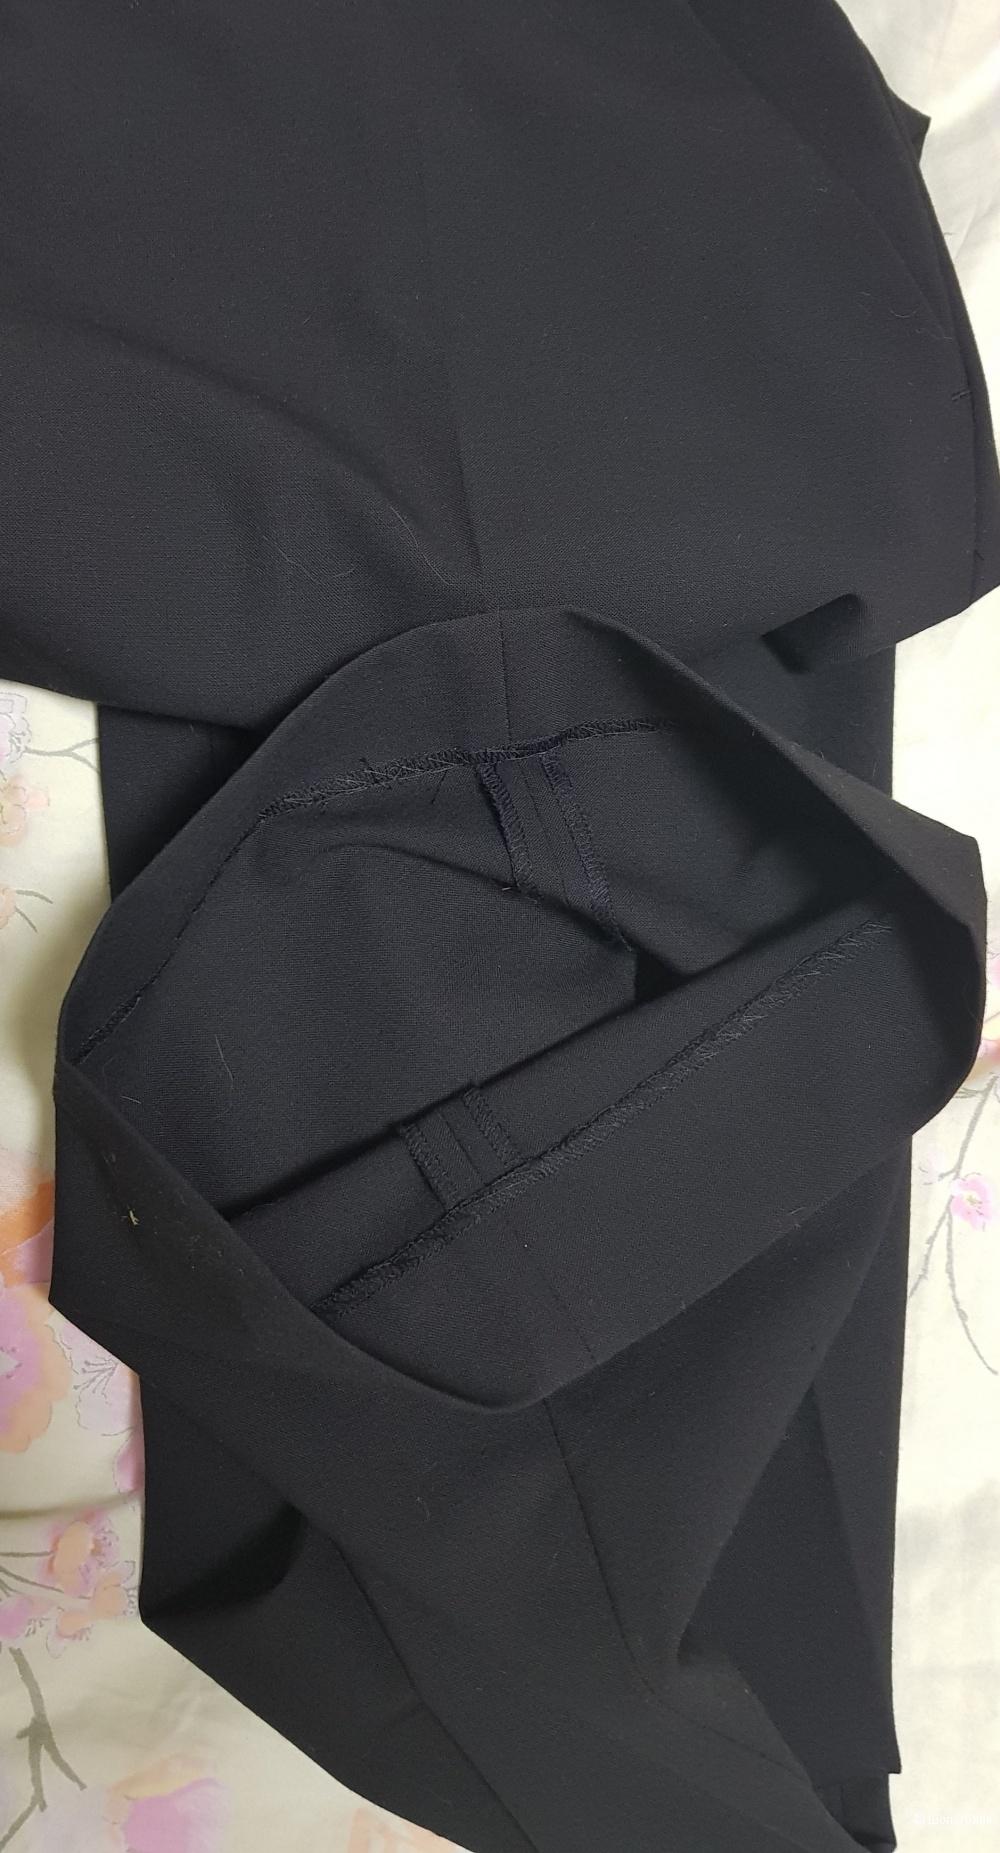 Брюки черные ARMANI JEANS, 48 размер